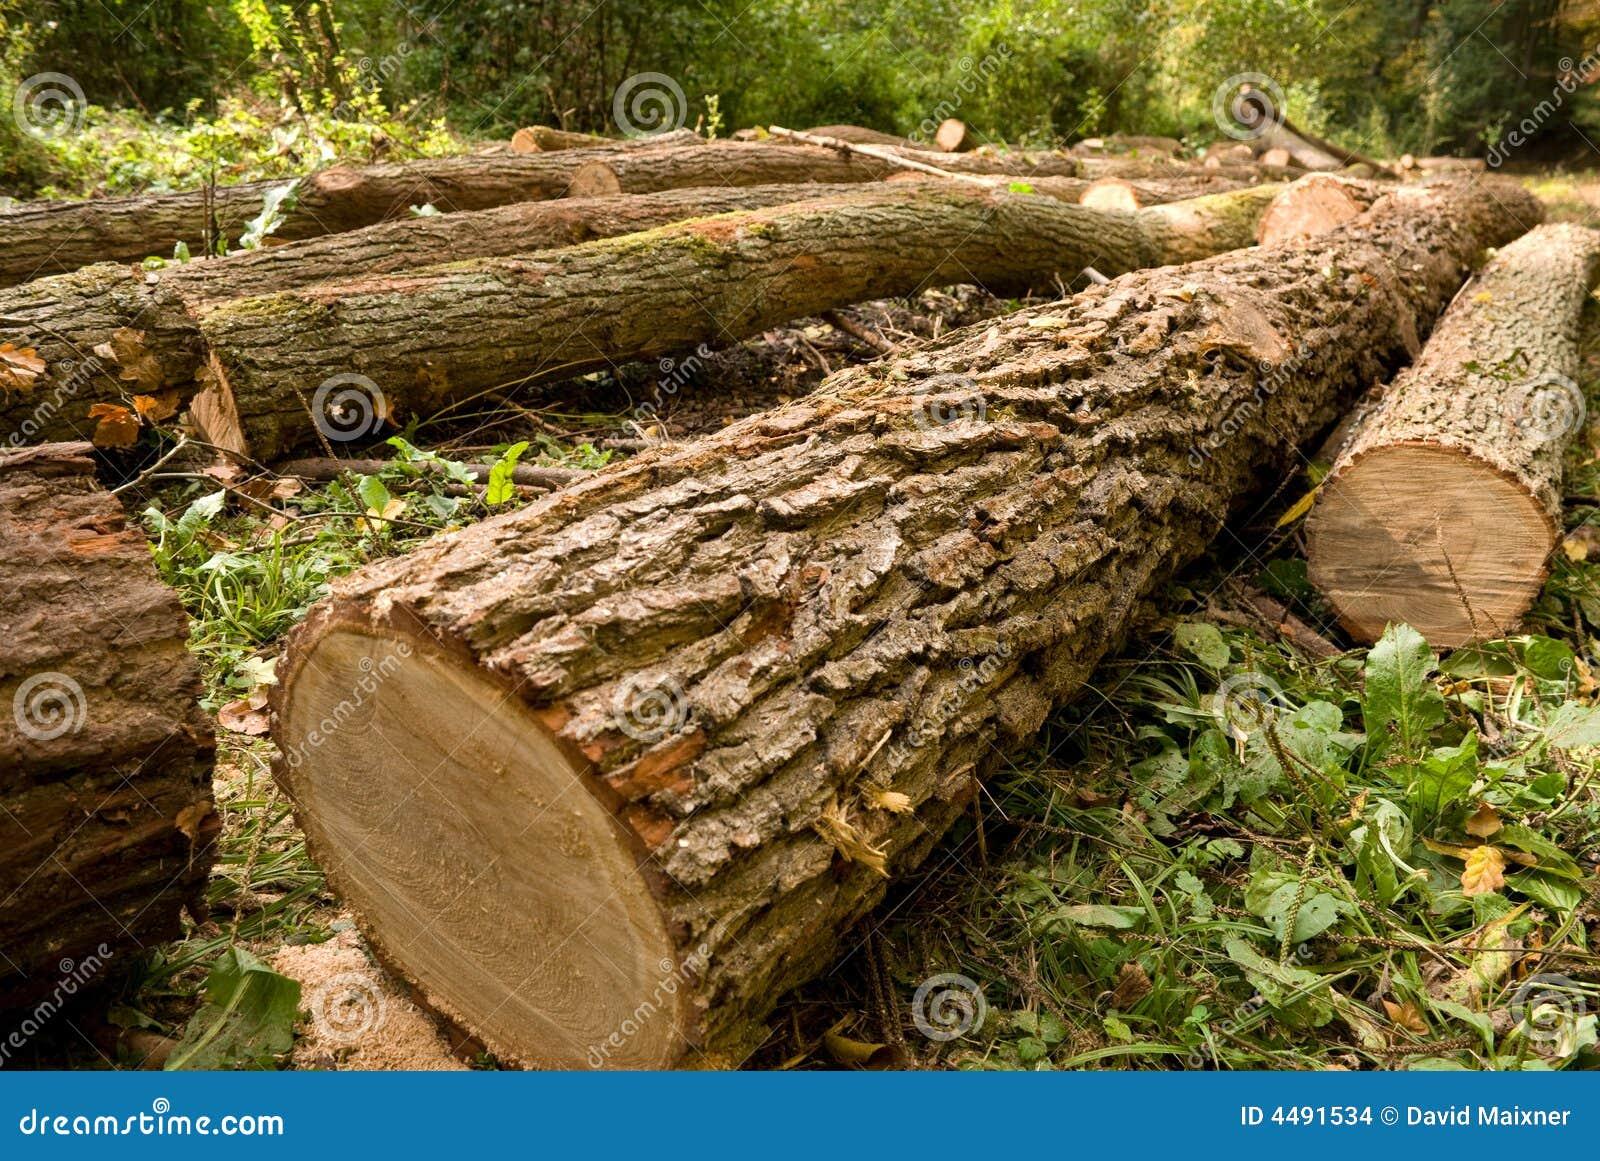 Gehackte Bäume